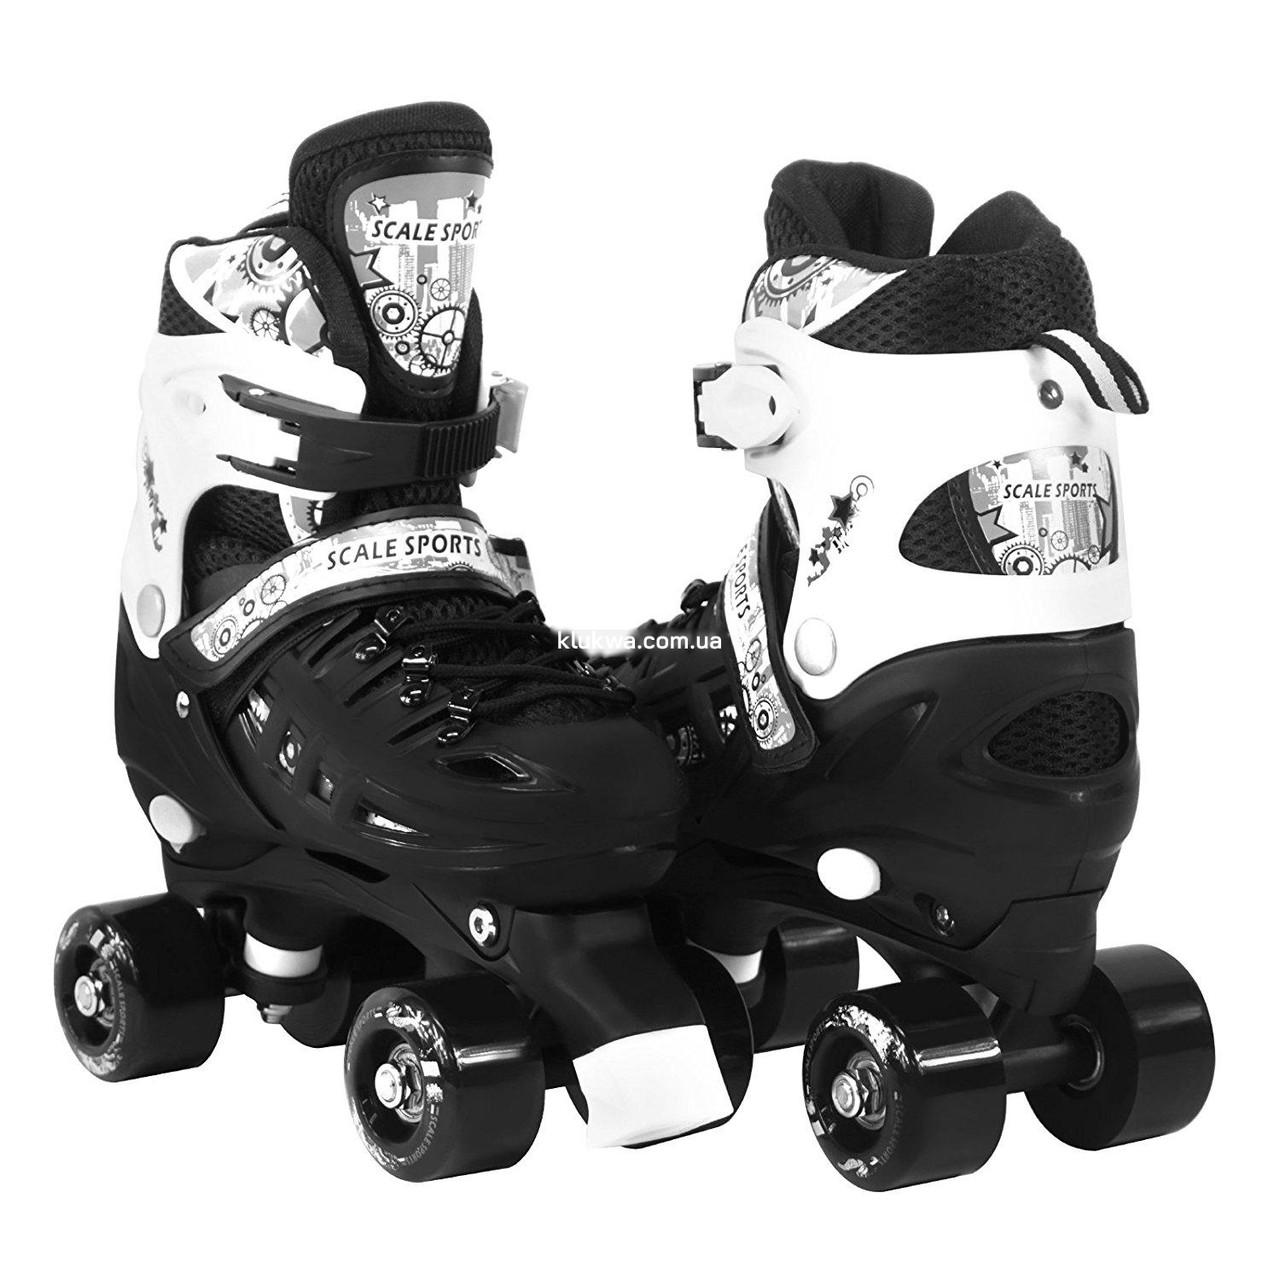 322df904e70c01 Ролики раздвижные Квады Scale Sports (29-33) Черные: продажа, цена в ...